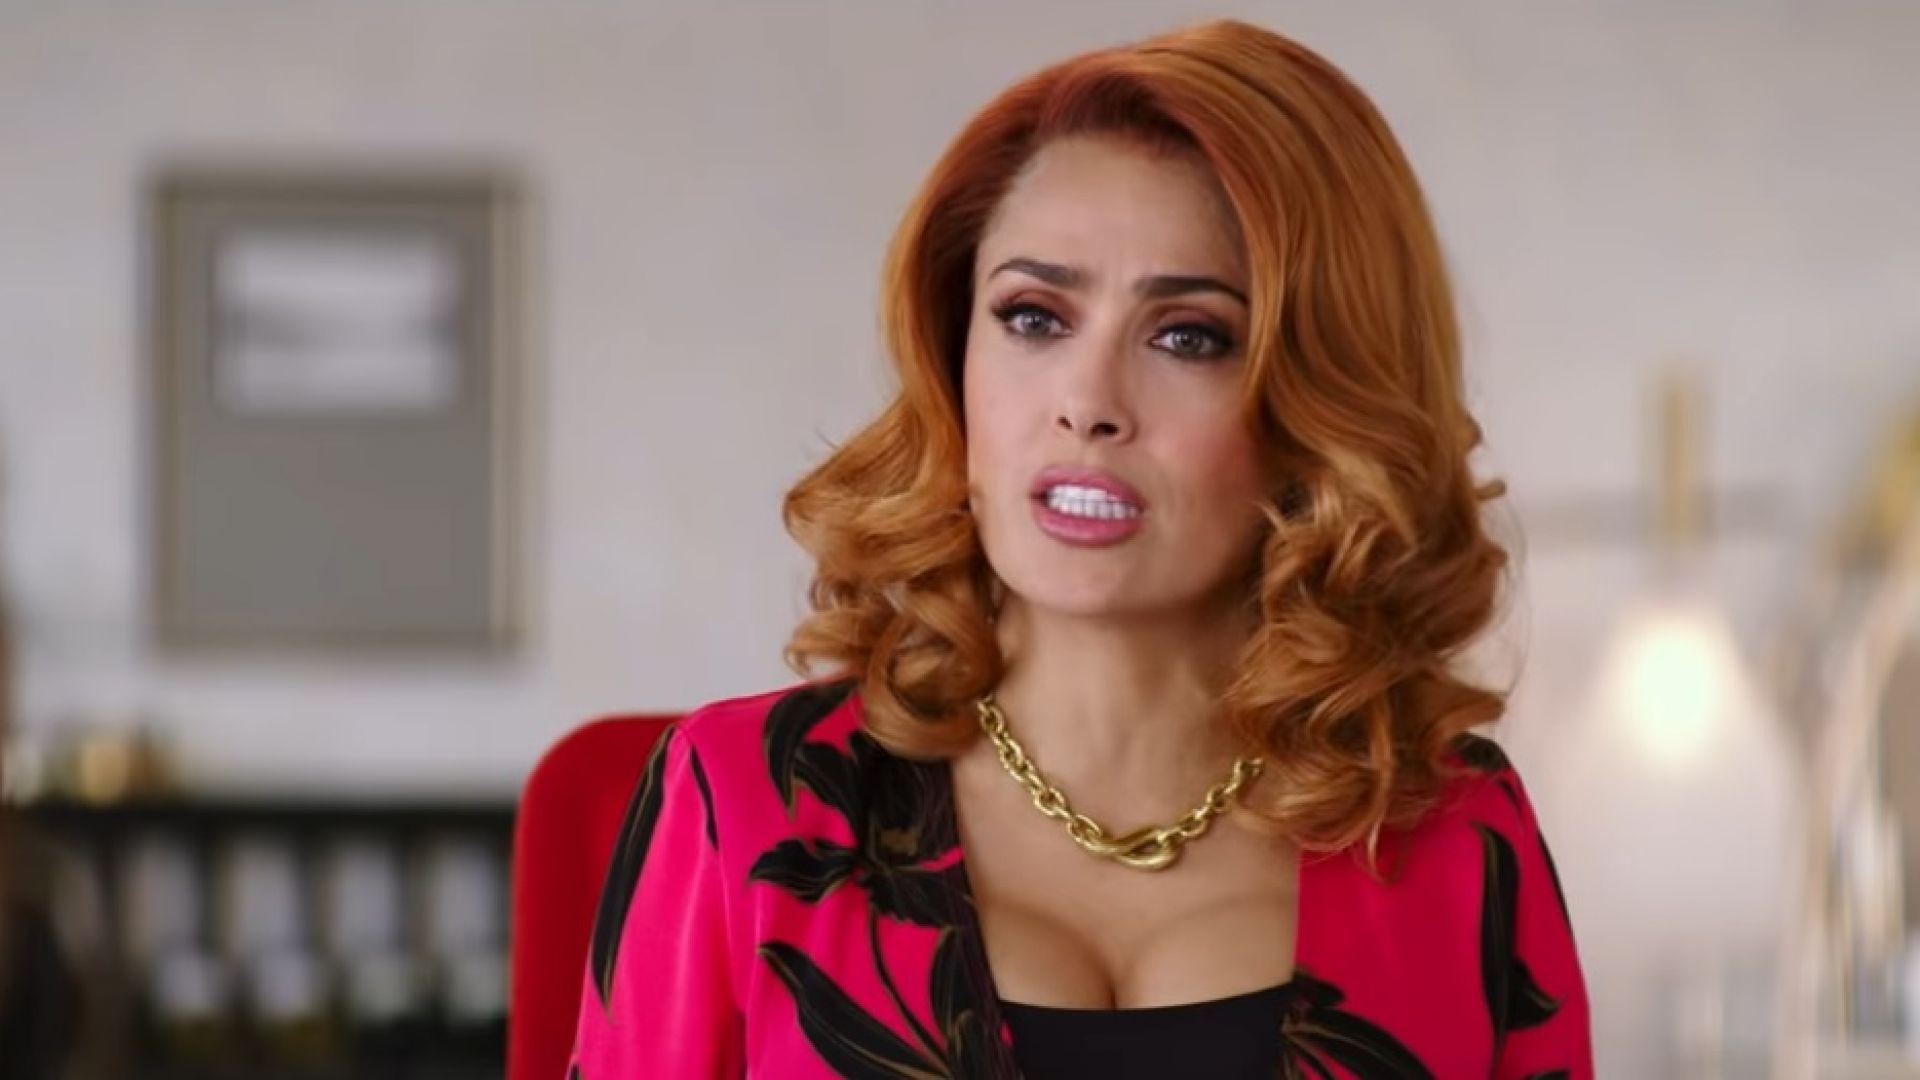 Салма Хайек проговори за печалния си опит с увеличаване на устните